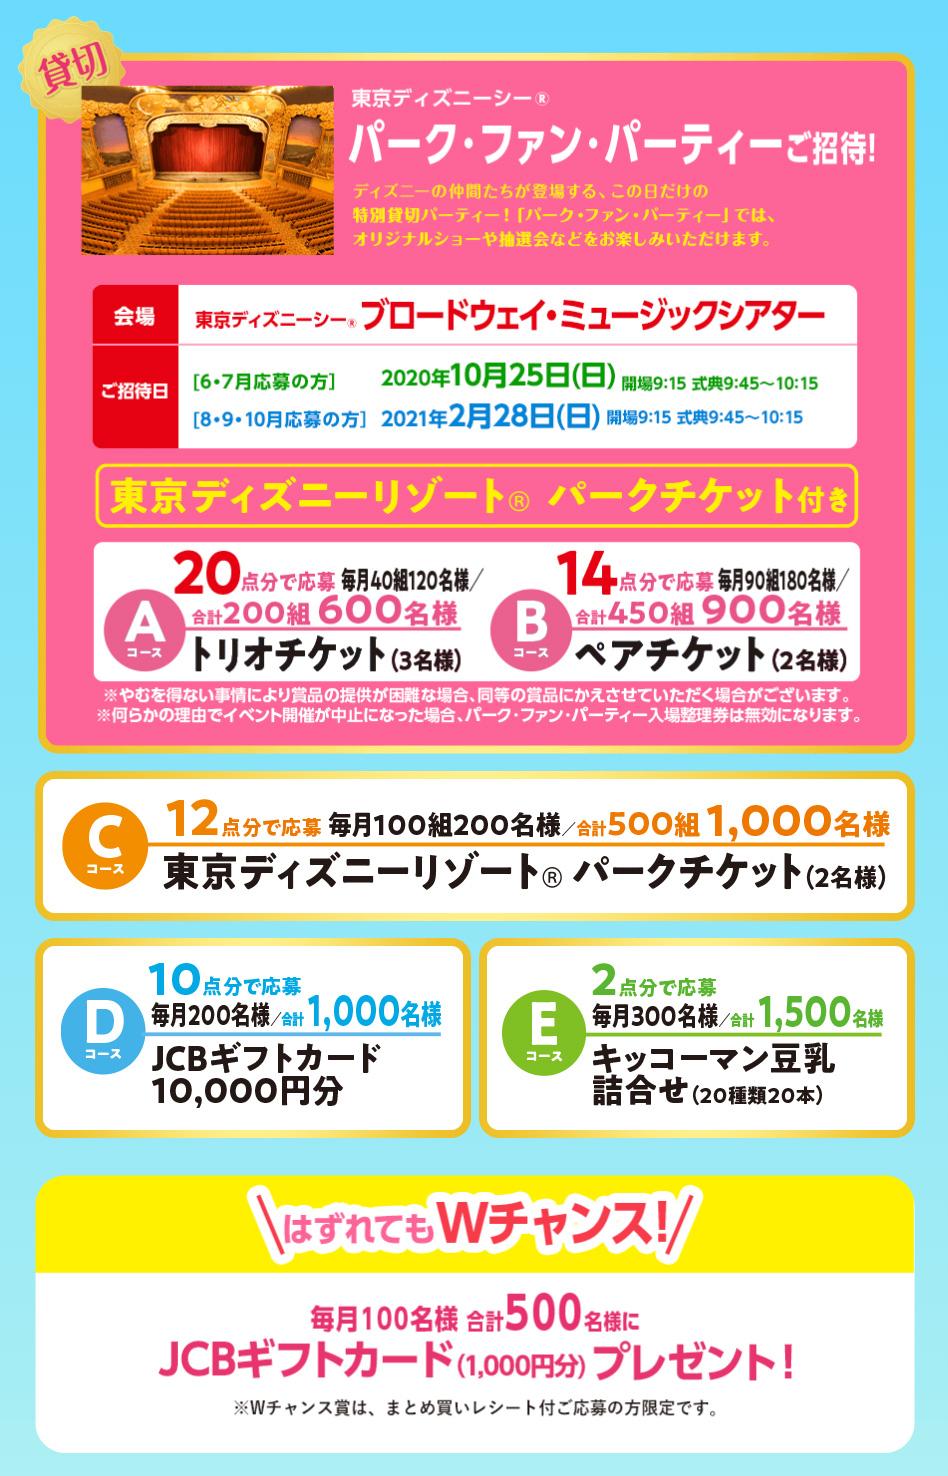 豆乳 ディズニー懸賞キャンペーン2020夏秋 プレゼント懸賞品